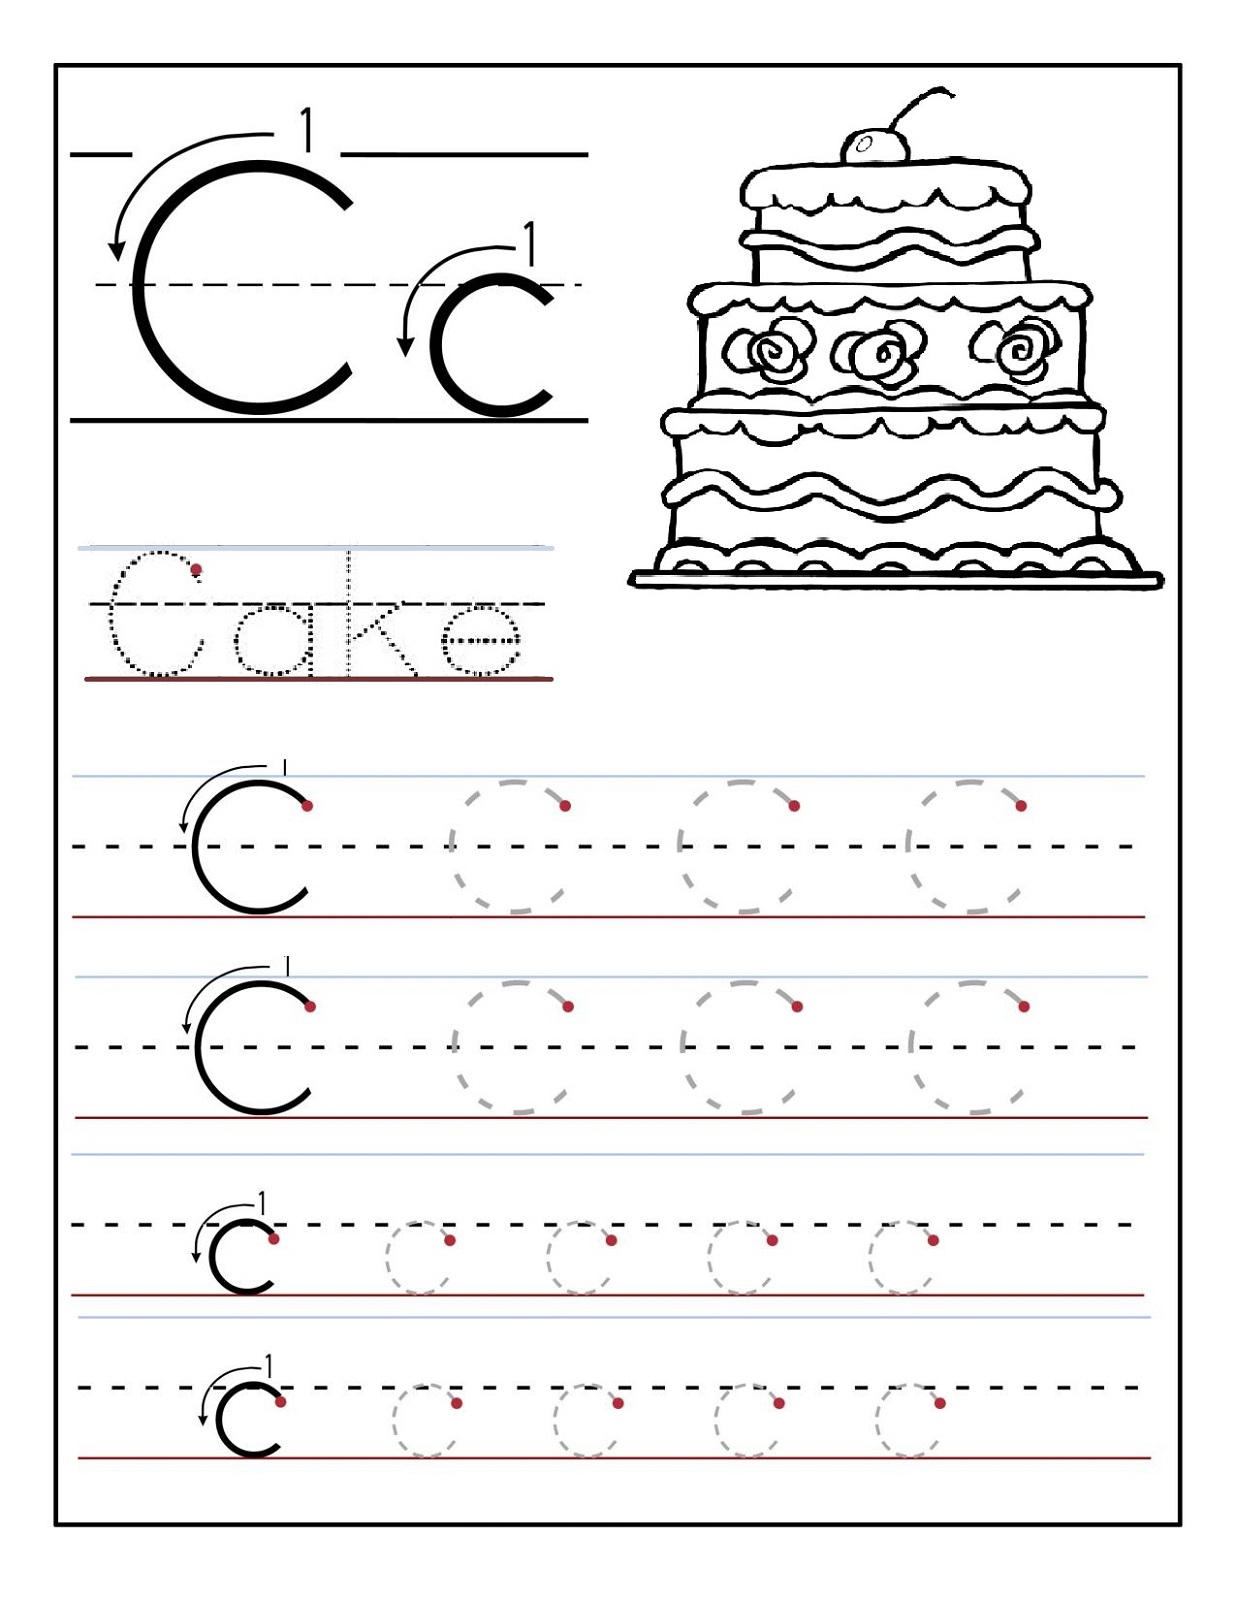 Trace Letter C Worksheets   Activity Shelter inside Letter C Tracing Sheet